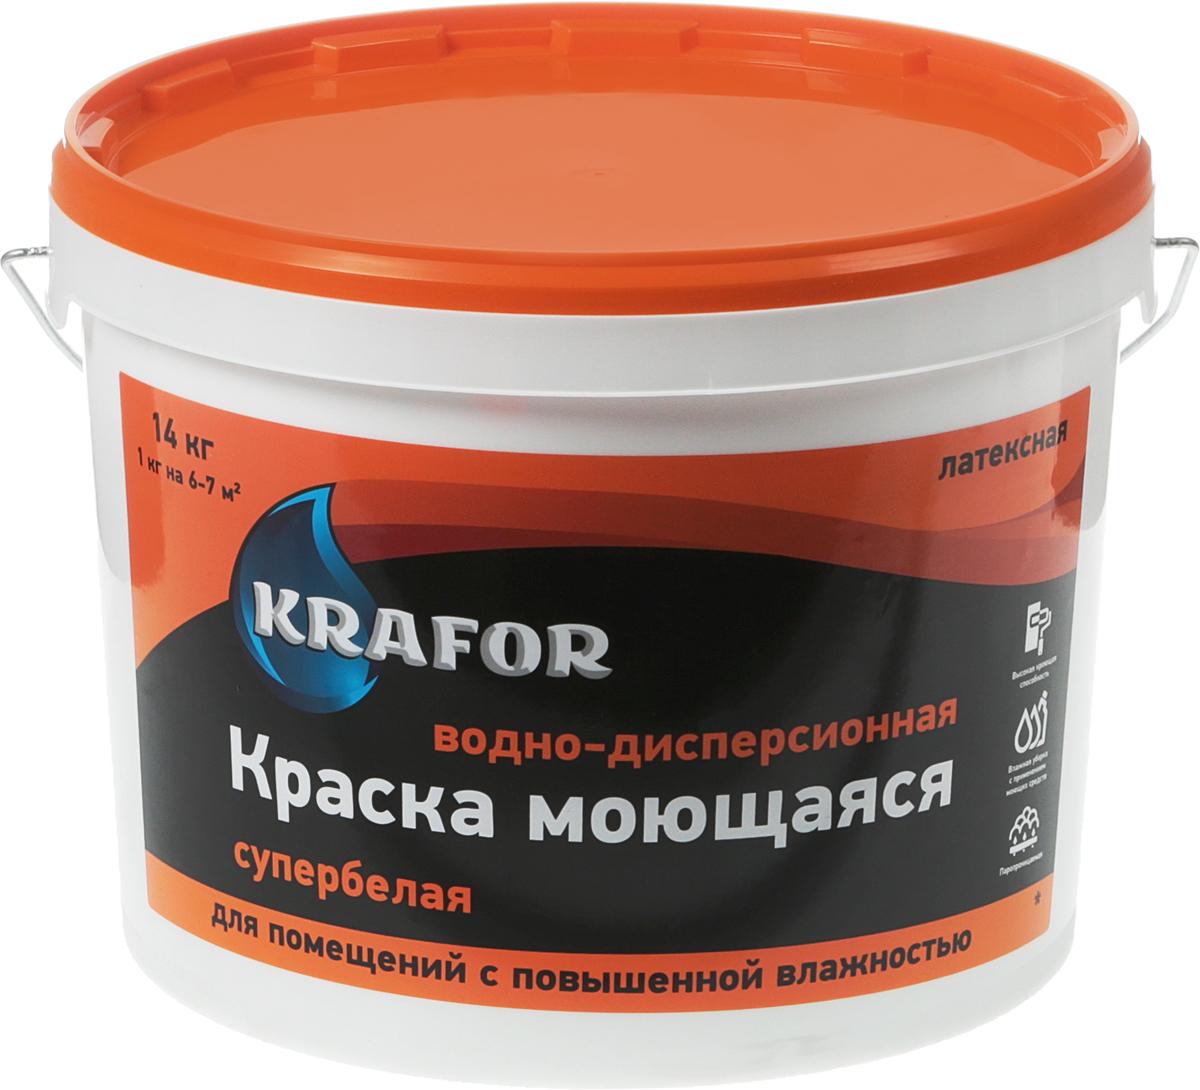 Краска водно-дисперсионная Krafor, латексная, моющаяся, цвет: белый, 14 кг краска бетрия водно дисперсионная универсальная для внутренних работ цвет белый 25 кг вд ак 112 м5 25